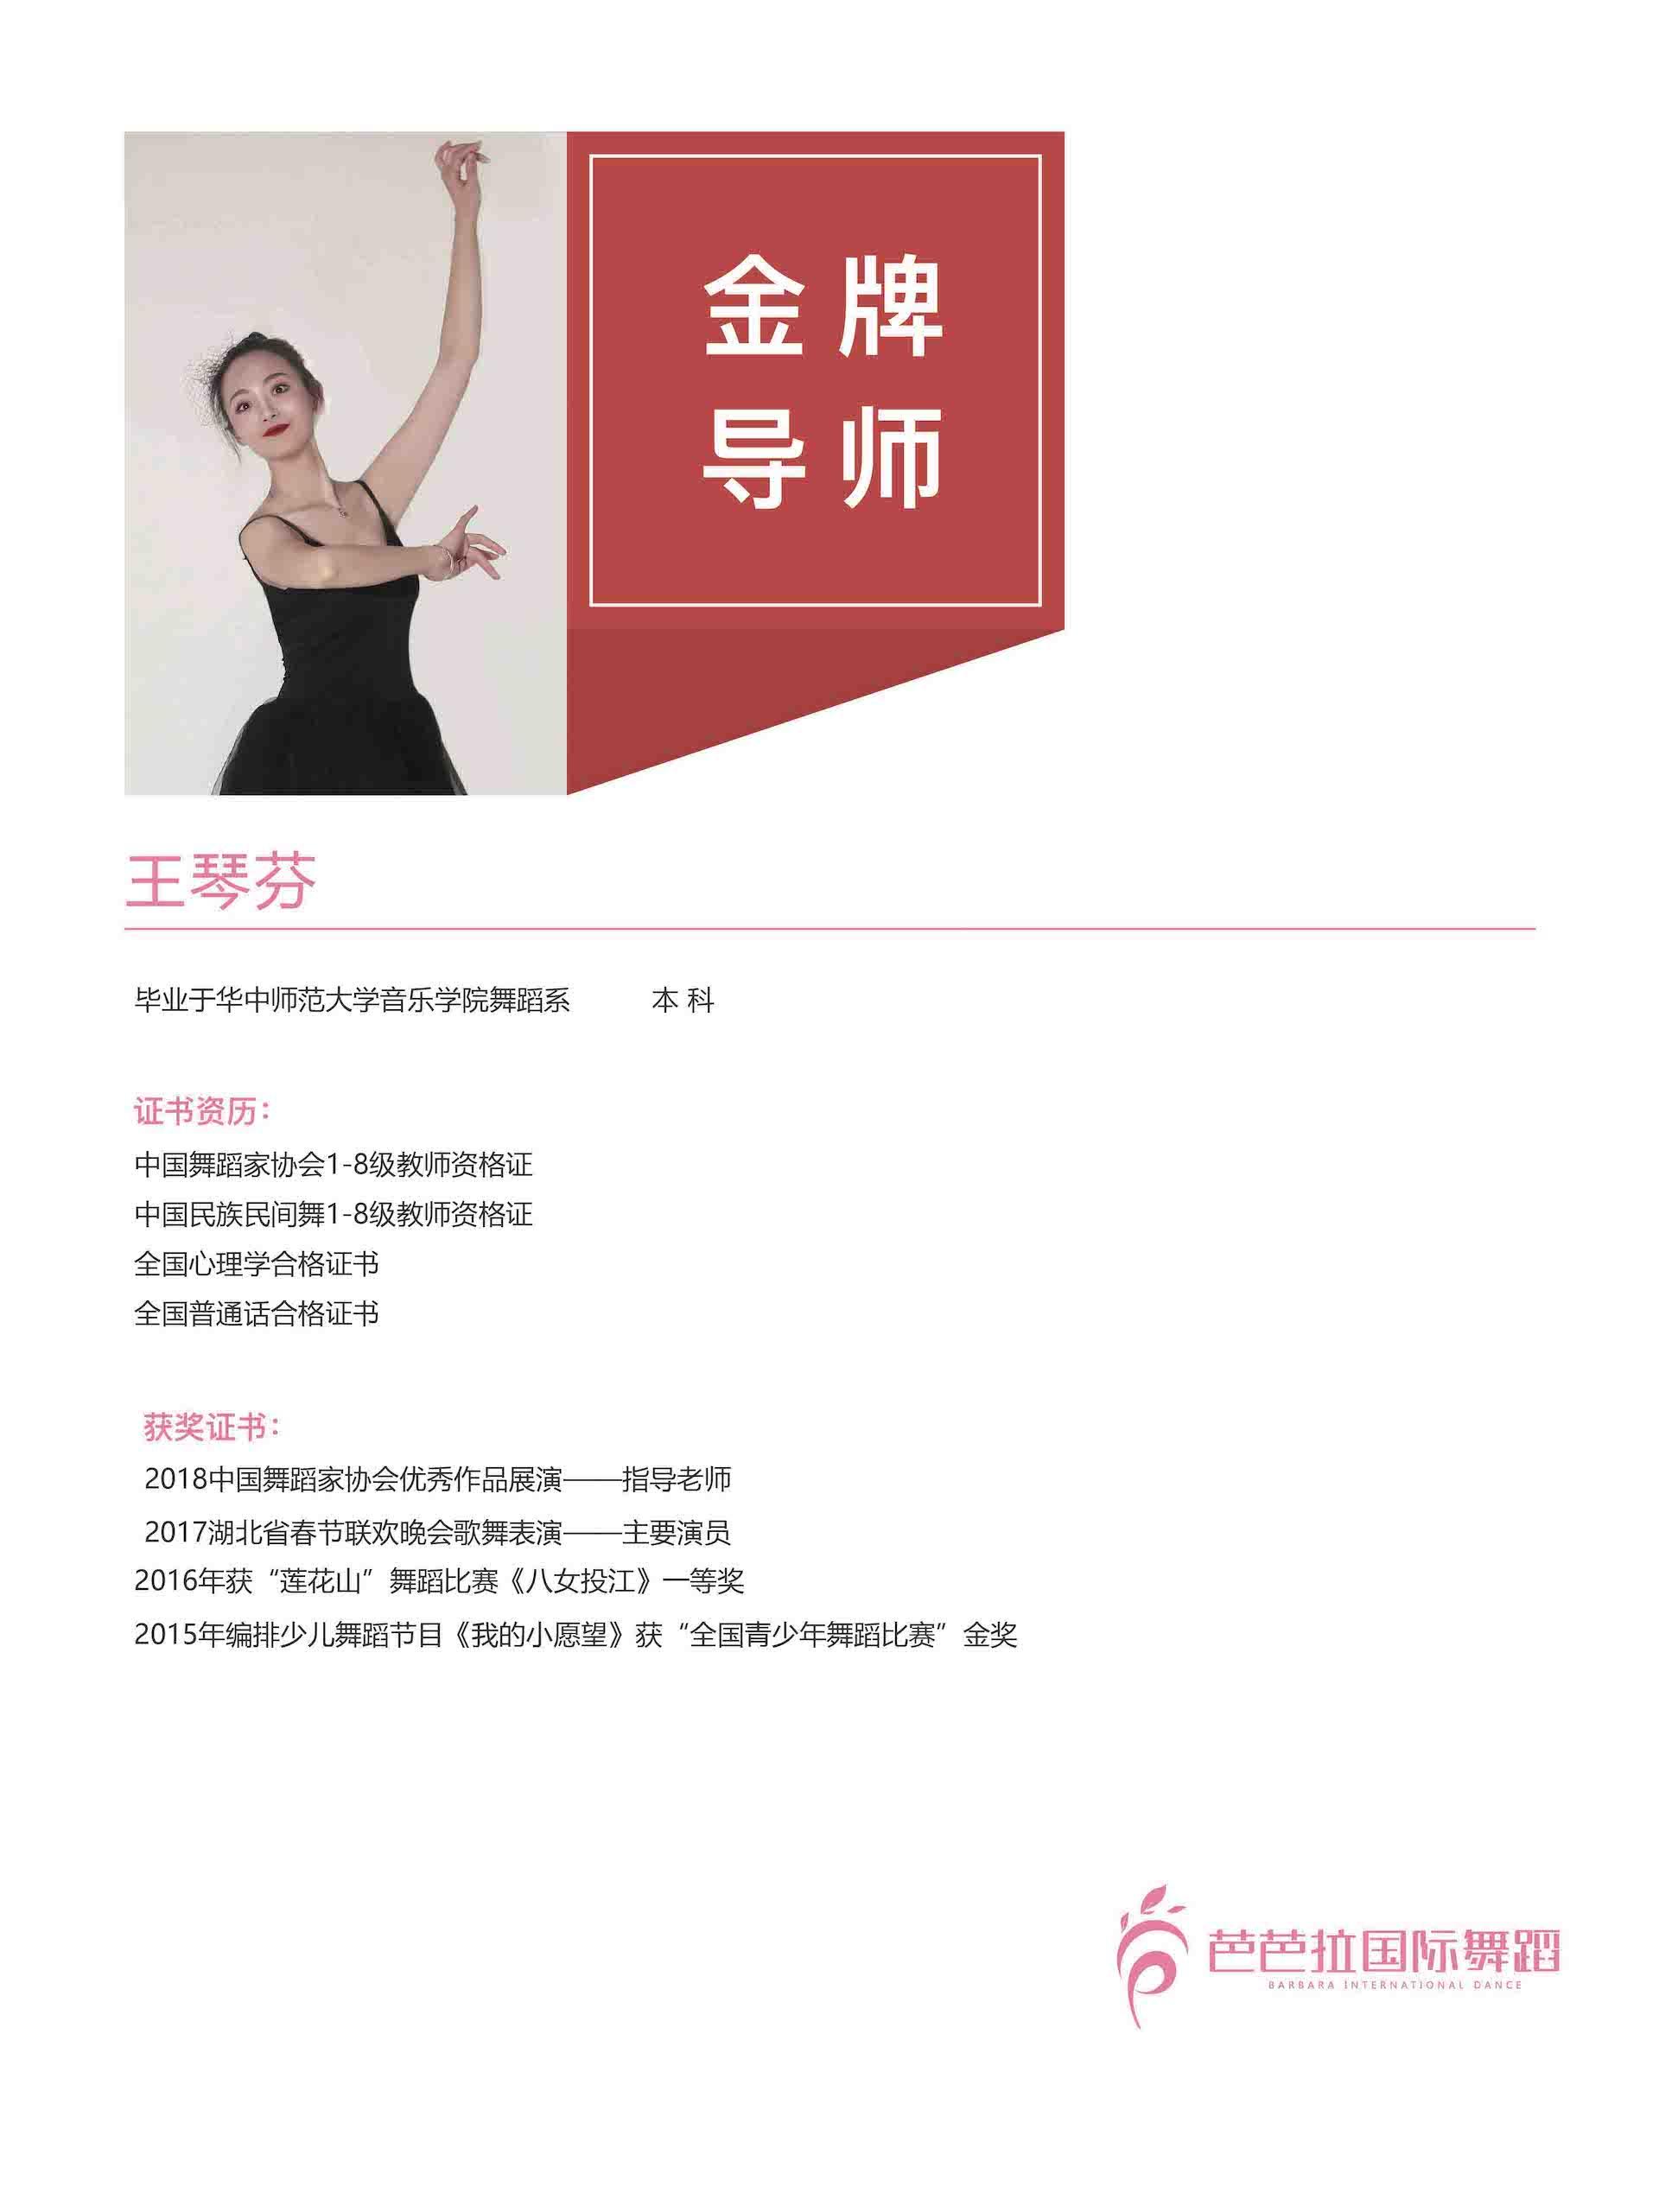 广州芭芭拉教育投资有限公司